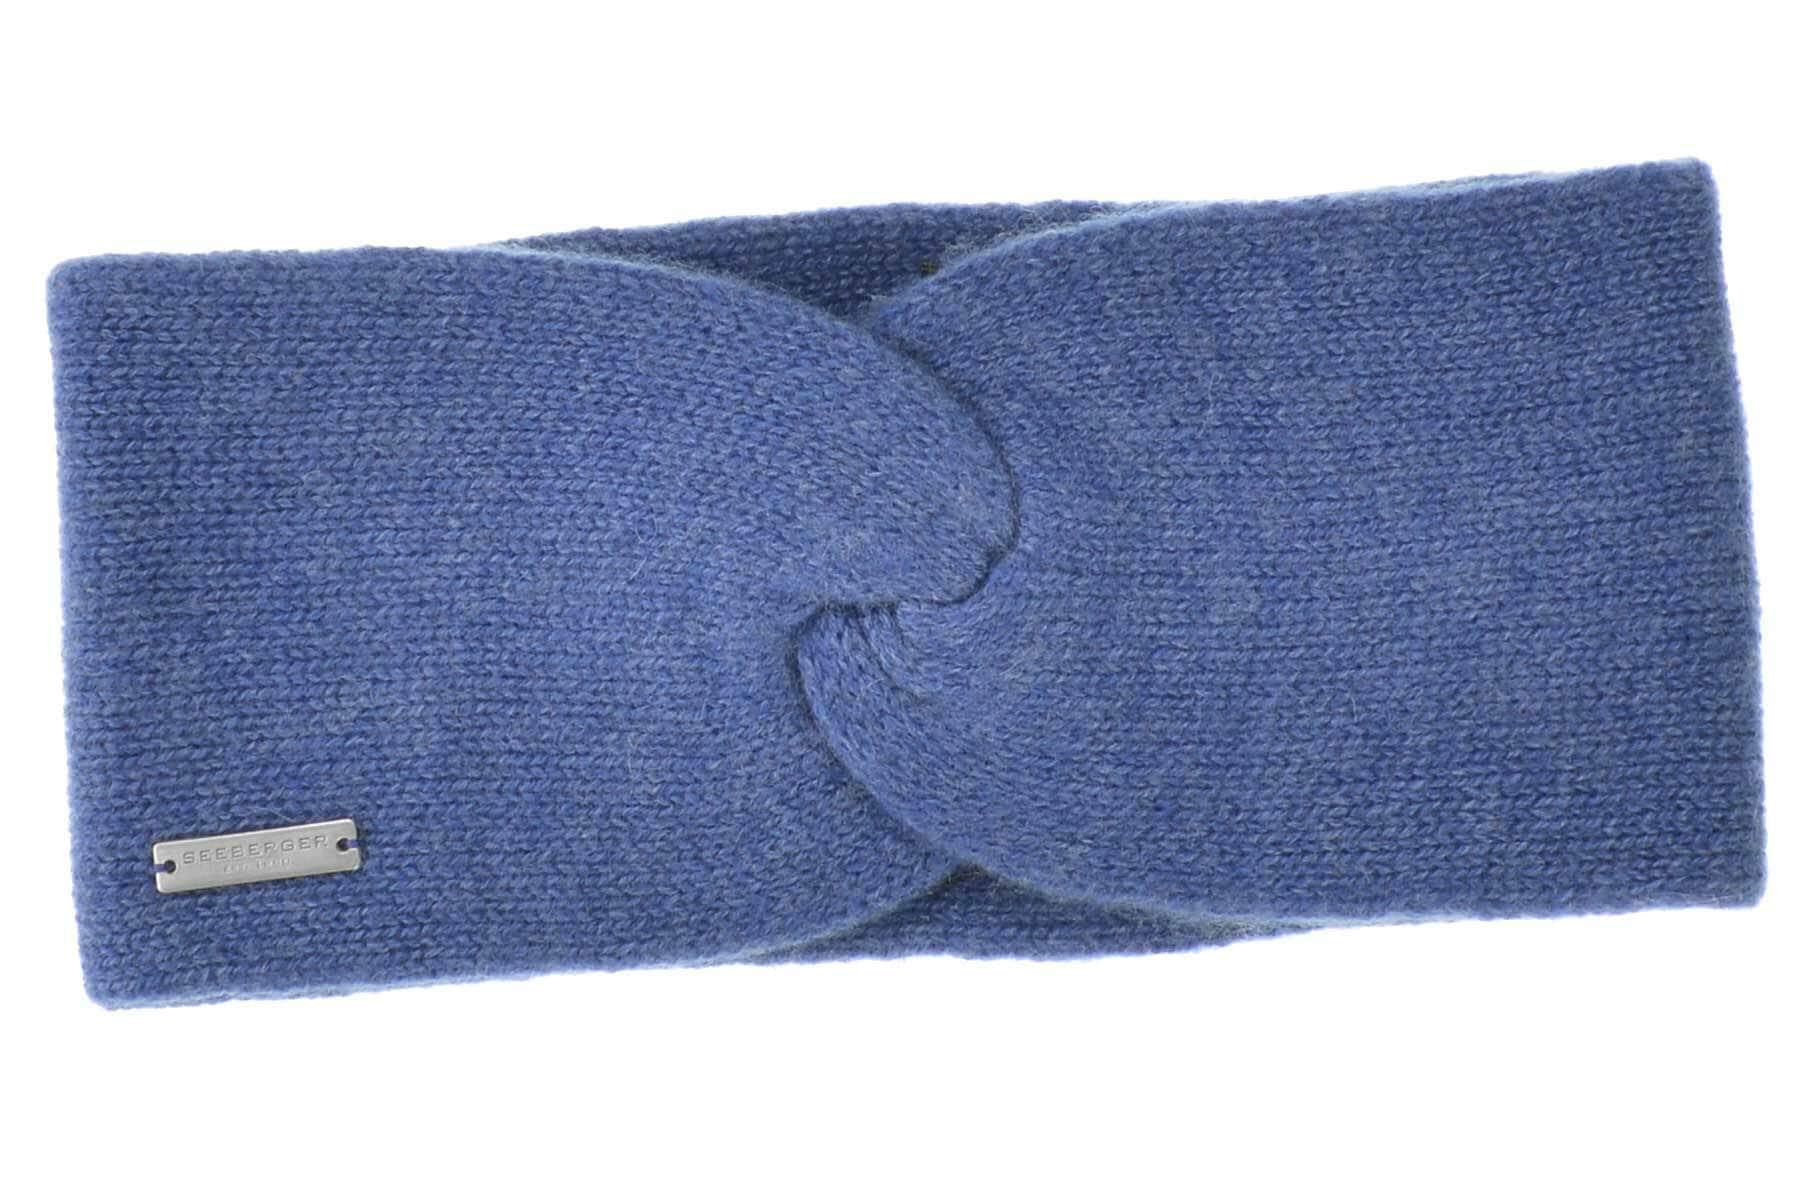 seeberger -  Haarband Stirnband mit Knotendetail in 100% Cashmere 17325-0